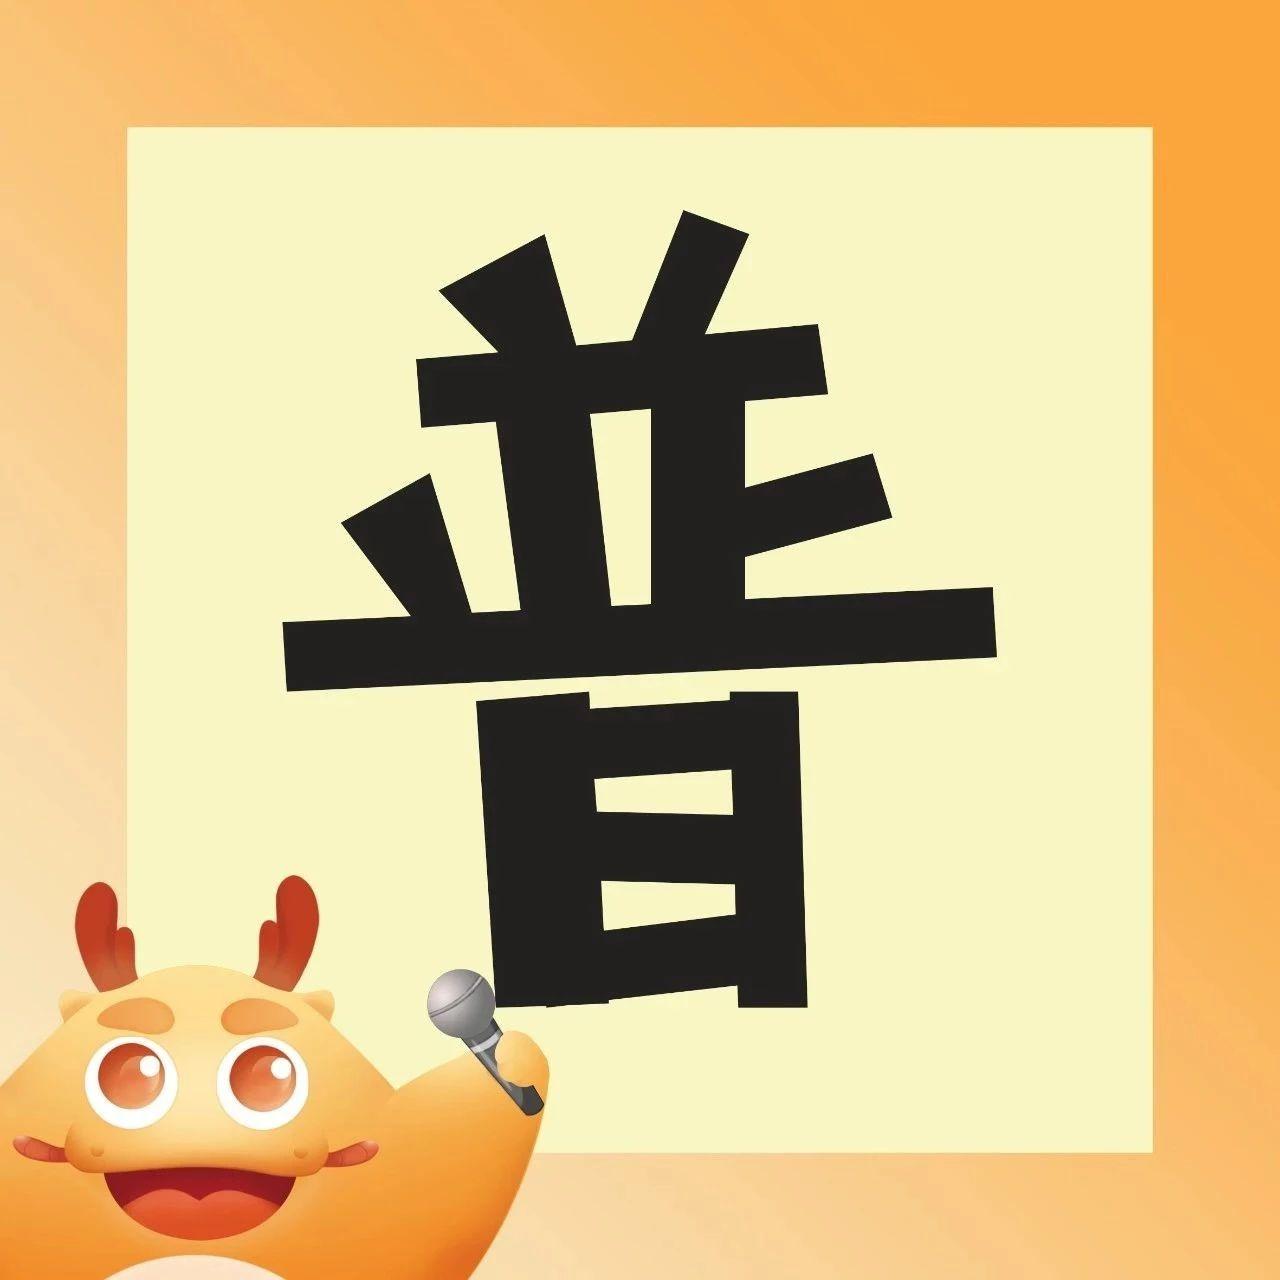 普语故事 | 关于春节的神话传说(了解传统文化)